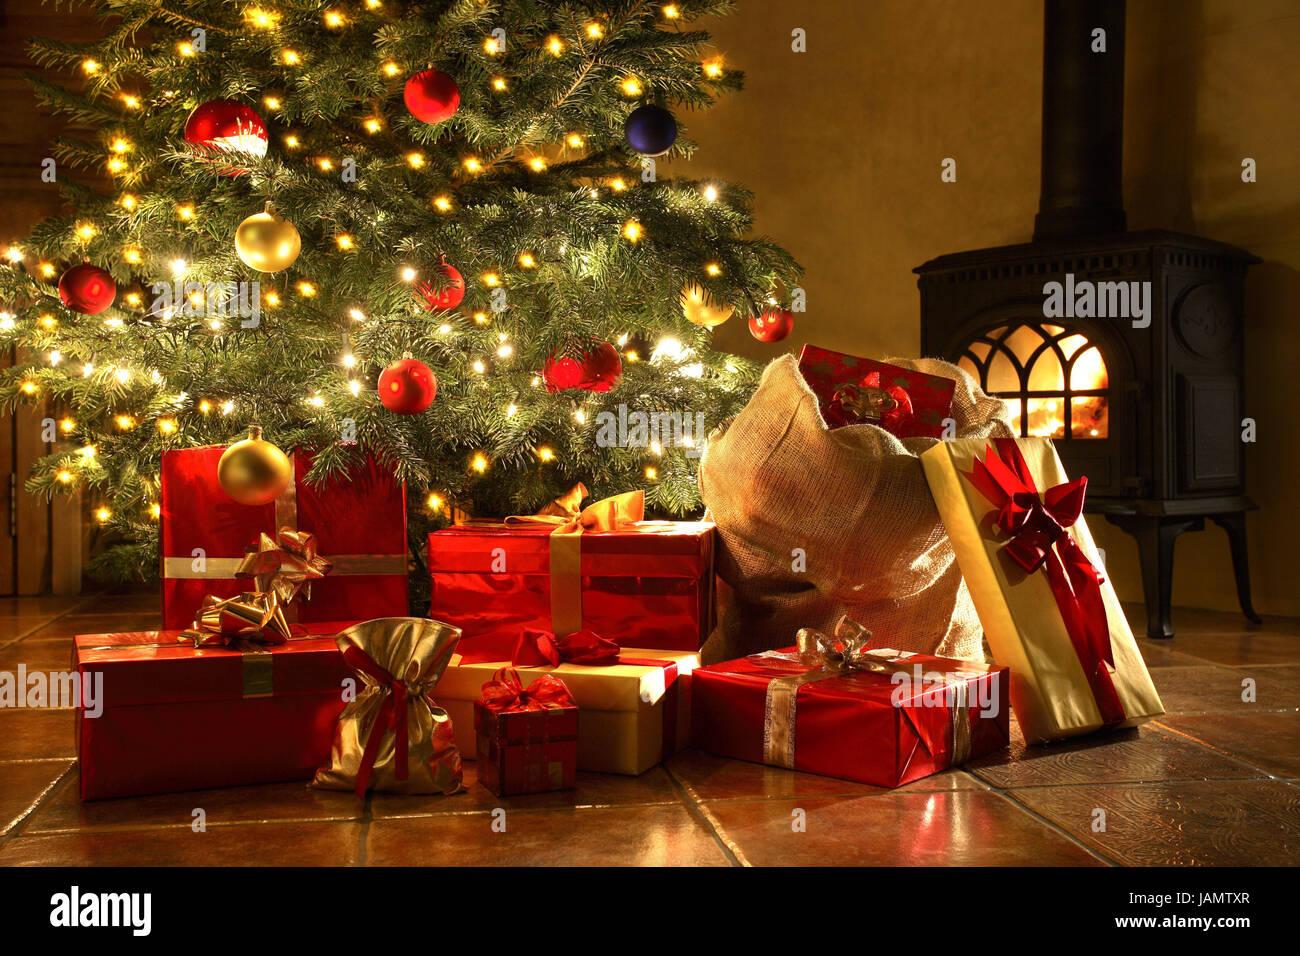 Weihnachten, Weihnachtsbaum, Illuminateds, Weihnachtsgeschenke ...